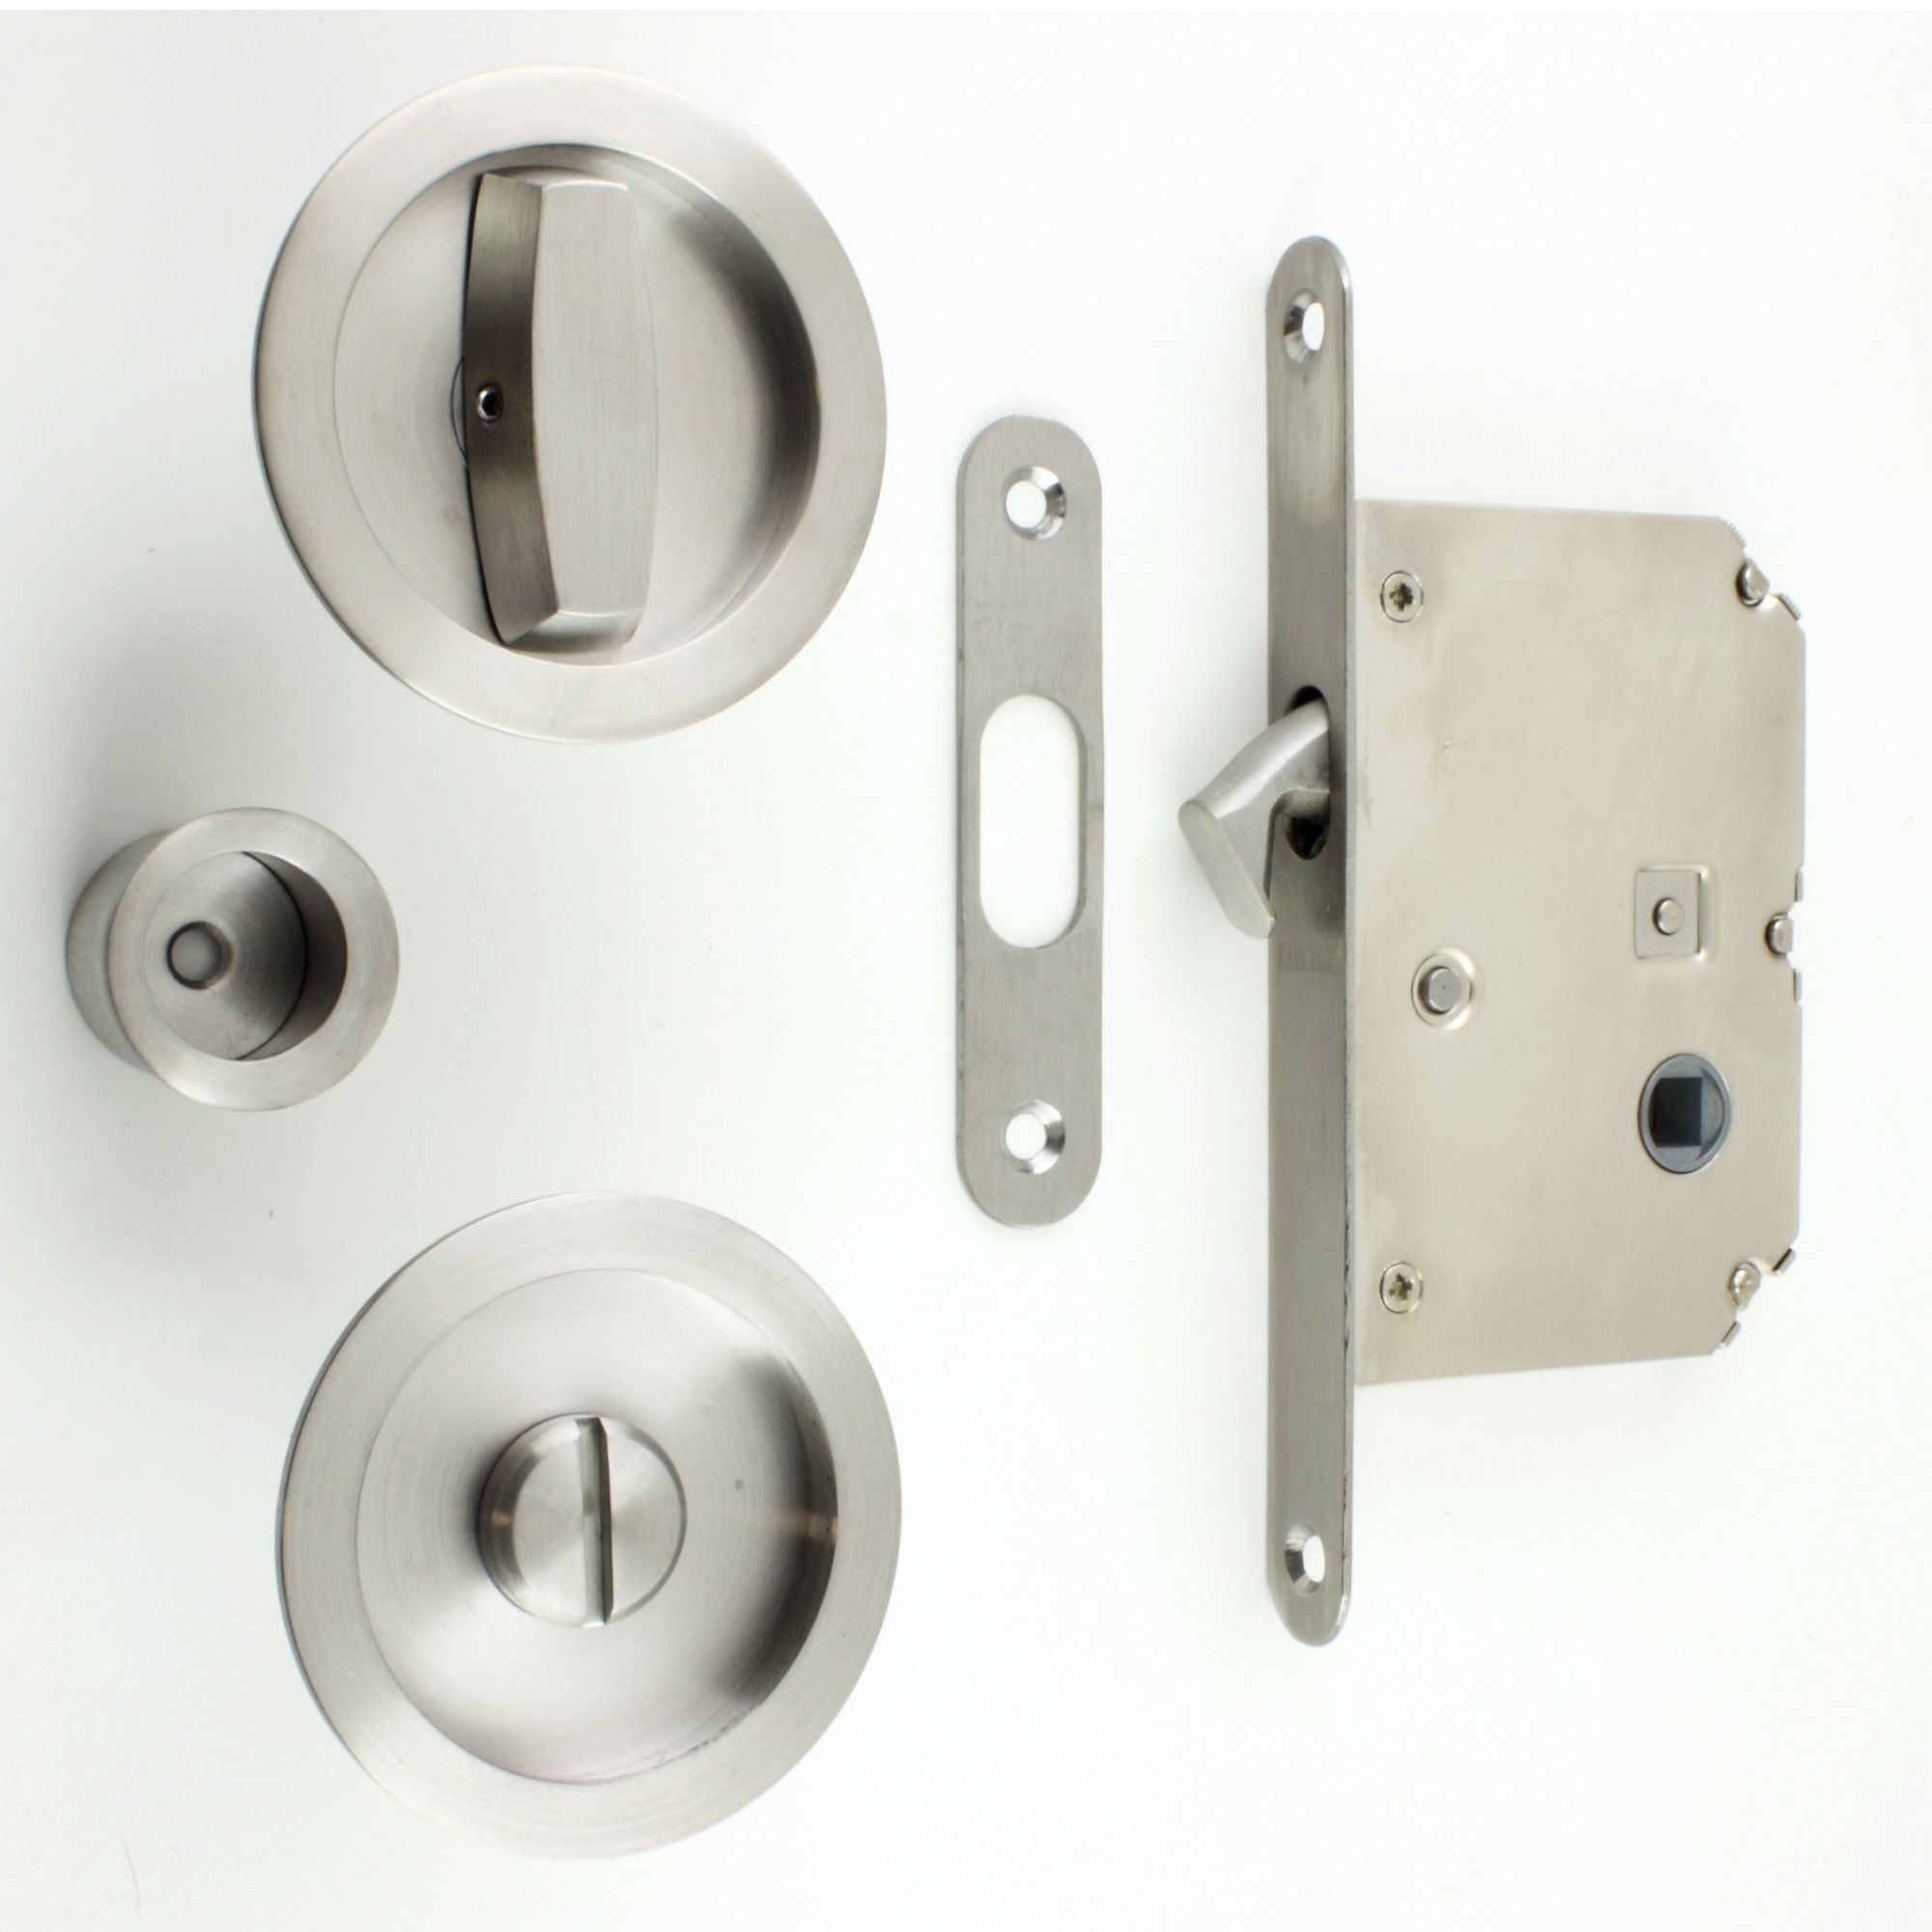 Slide Lock For Bathroom DoorSlide Lock For Bathroom Door